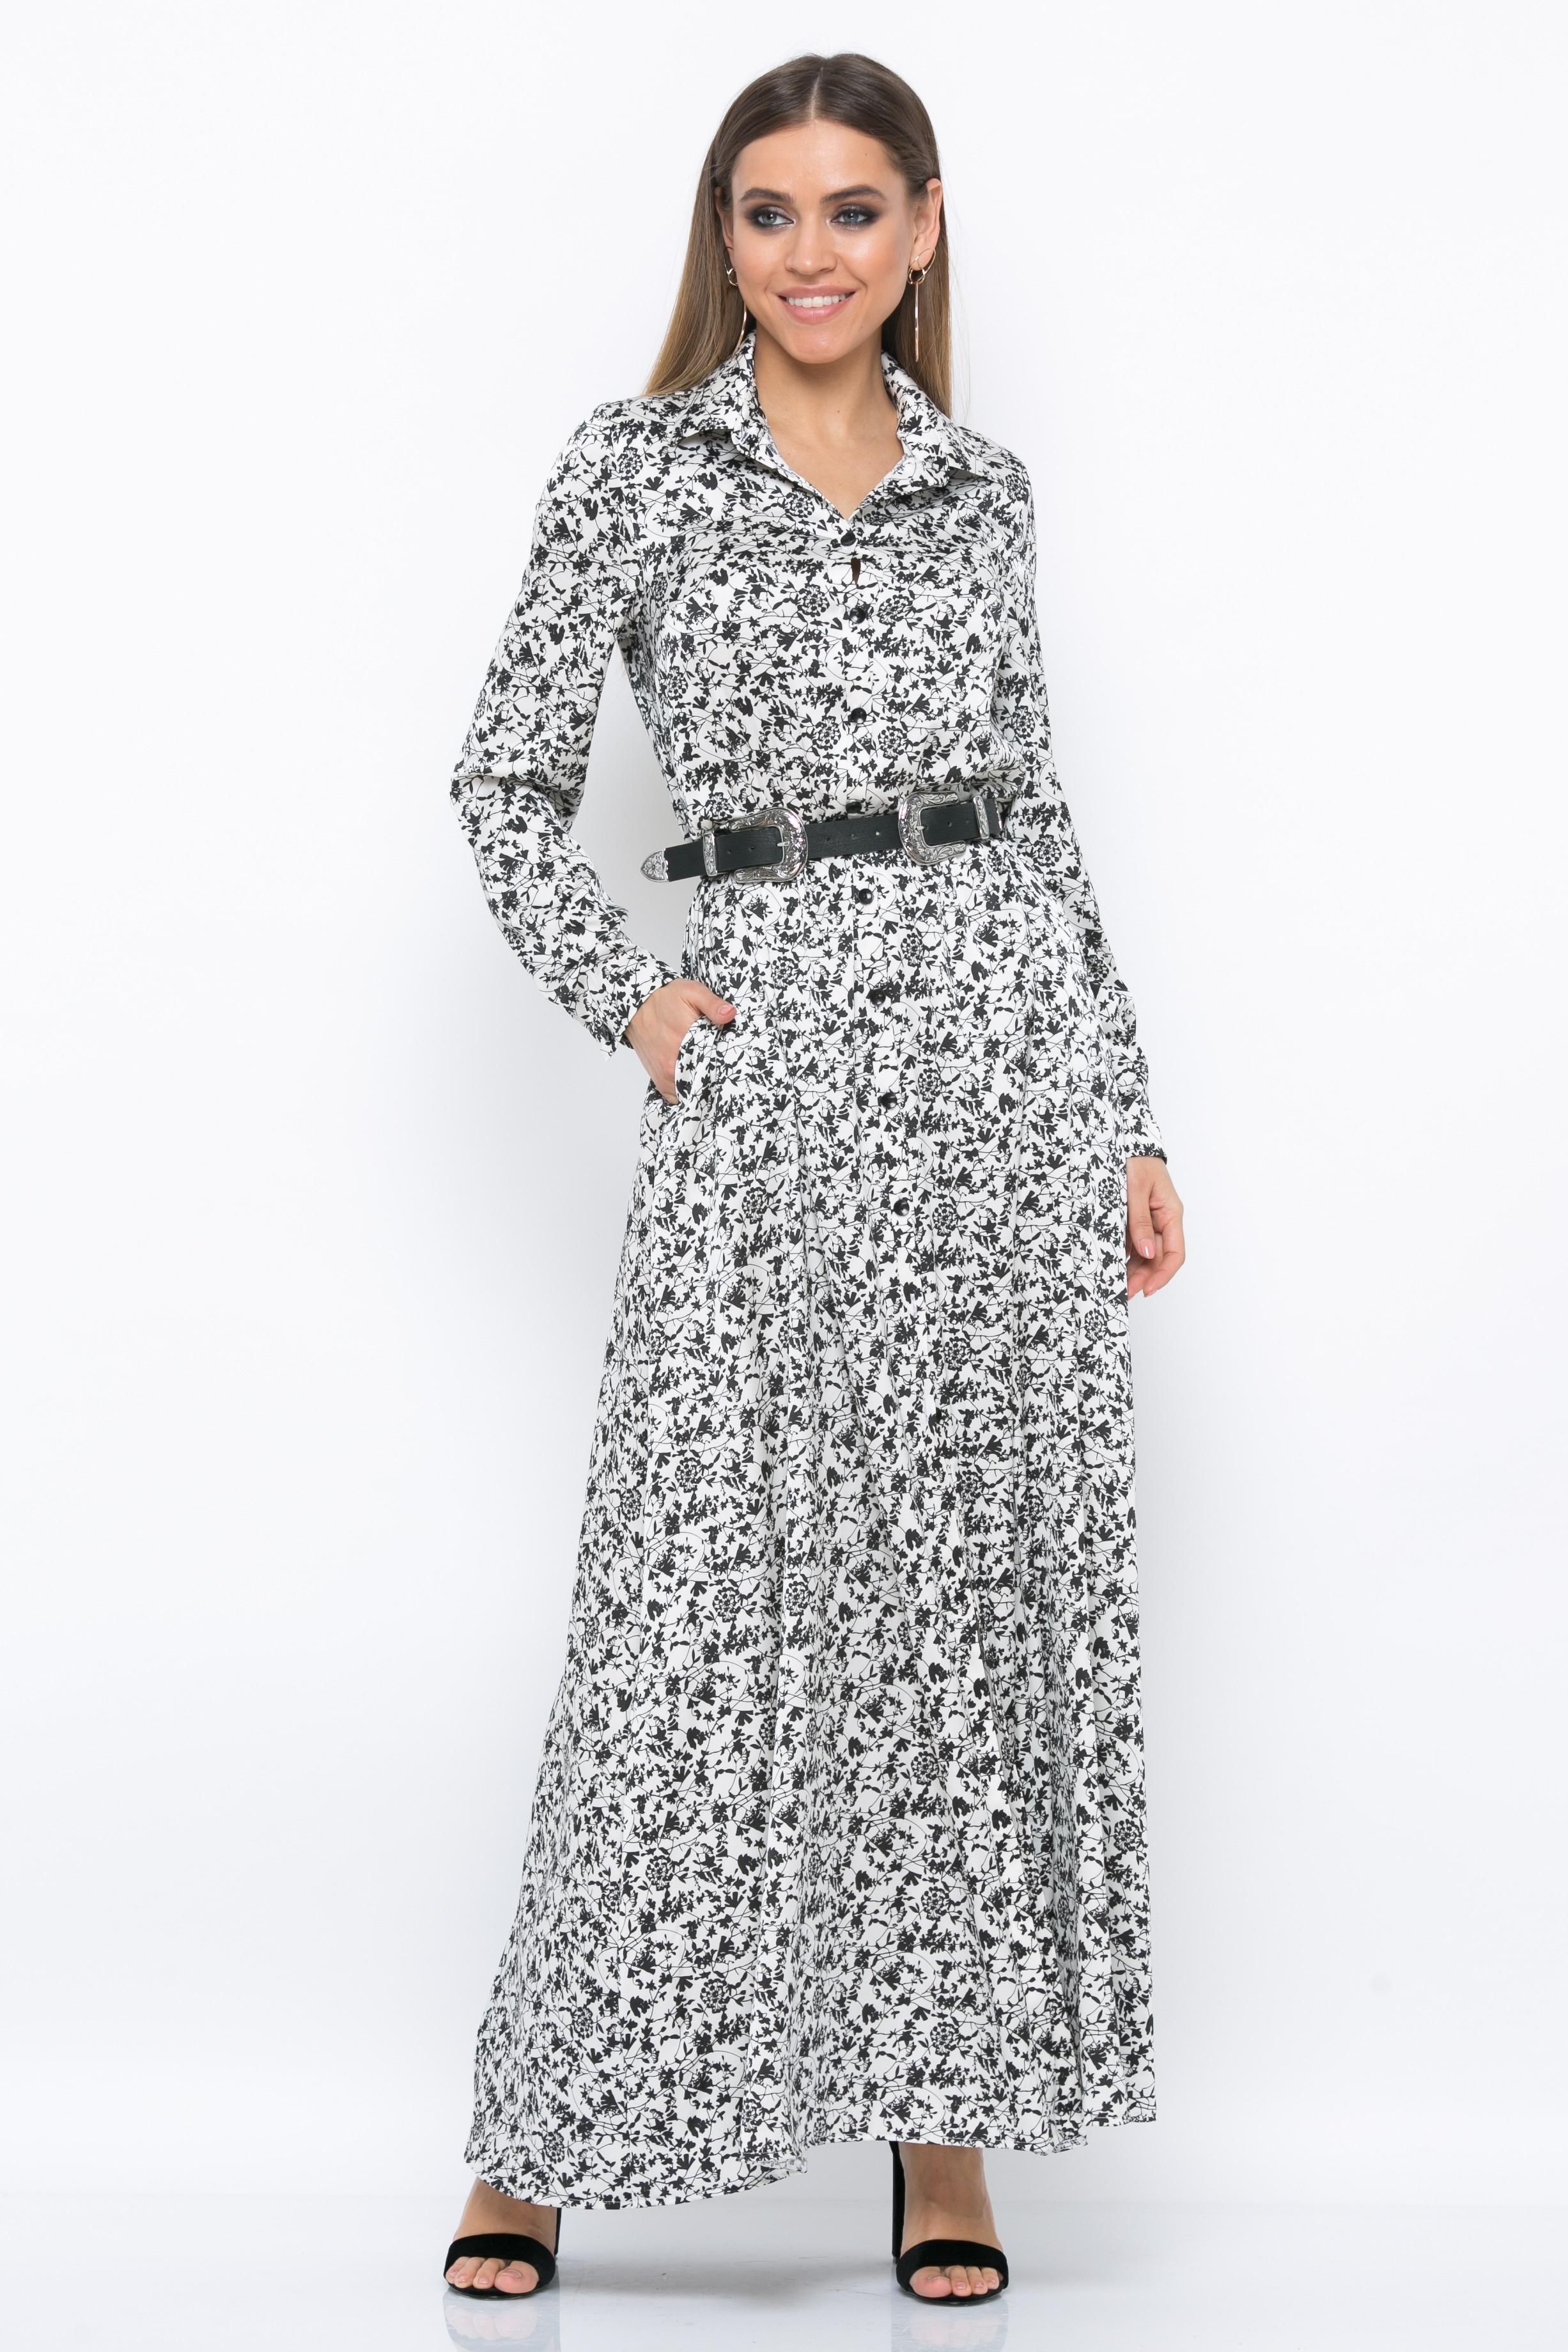 Abend Coolste Schwarz Weißes Kleid Design17 Genial Schwarz Weißes Kleid Galerie